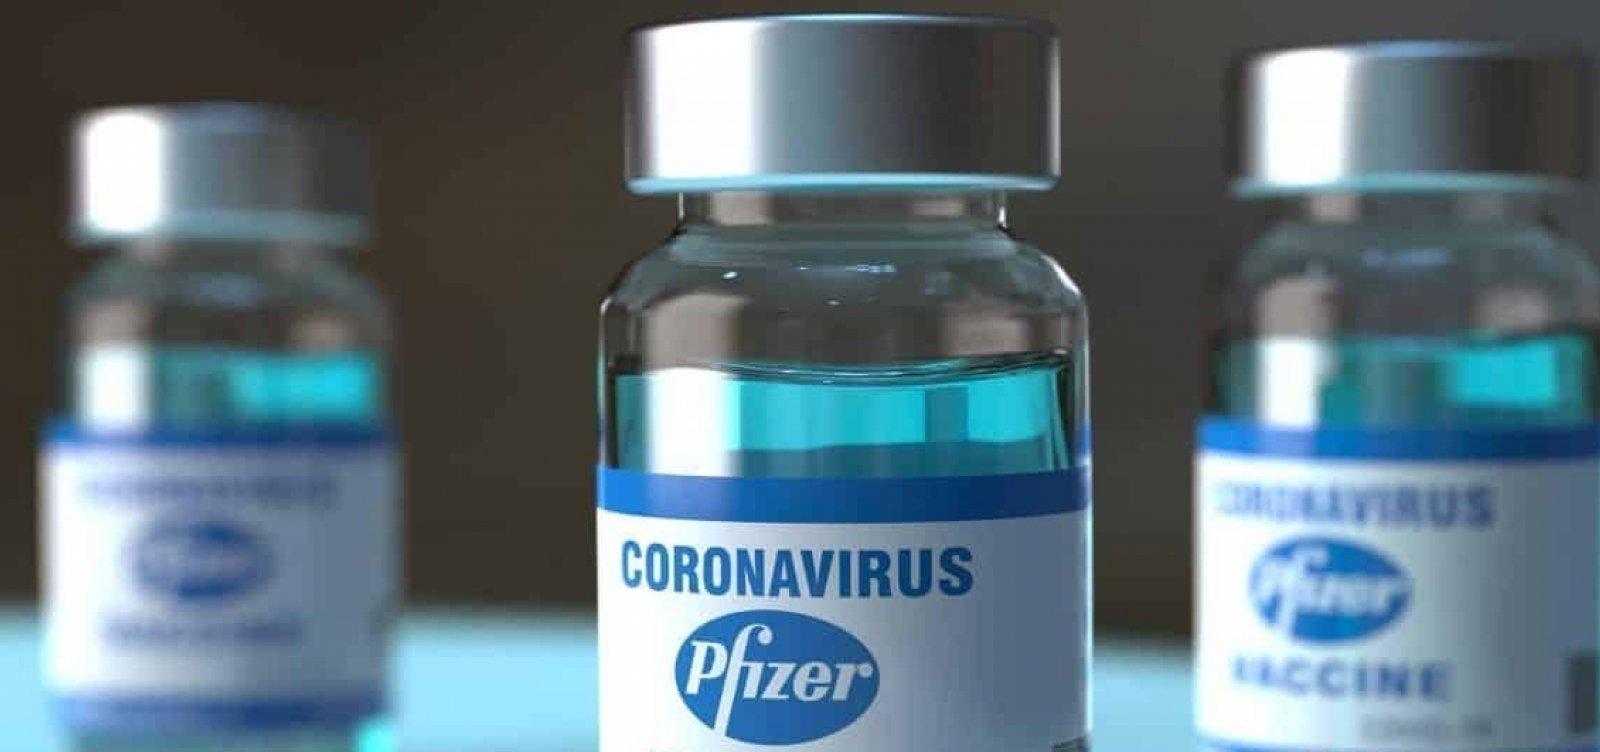 Novo lote de vacinas da Pfizer contra a Covid-19 chega nesta quarta